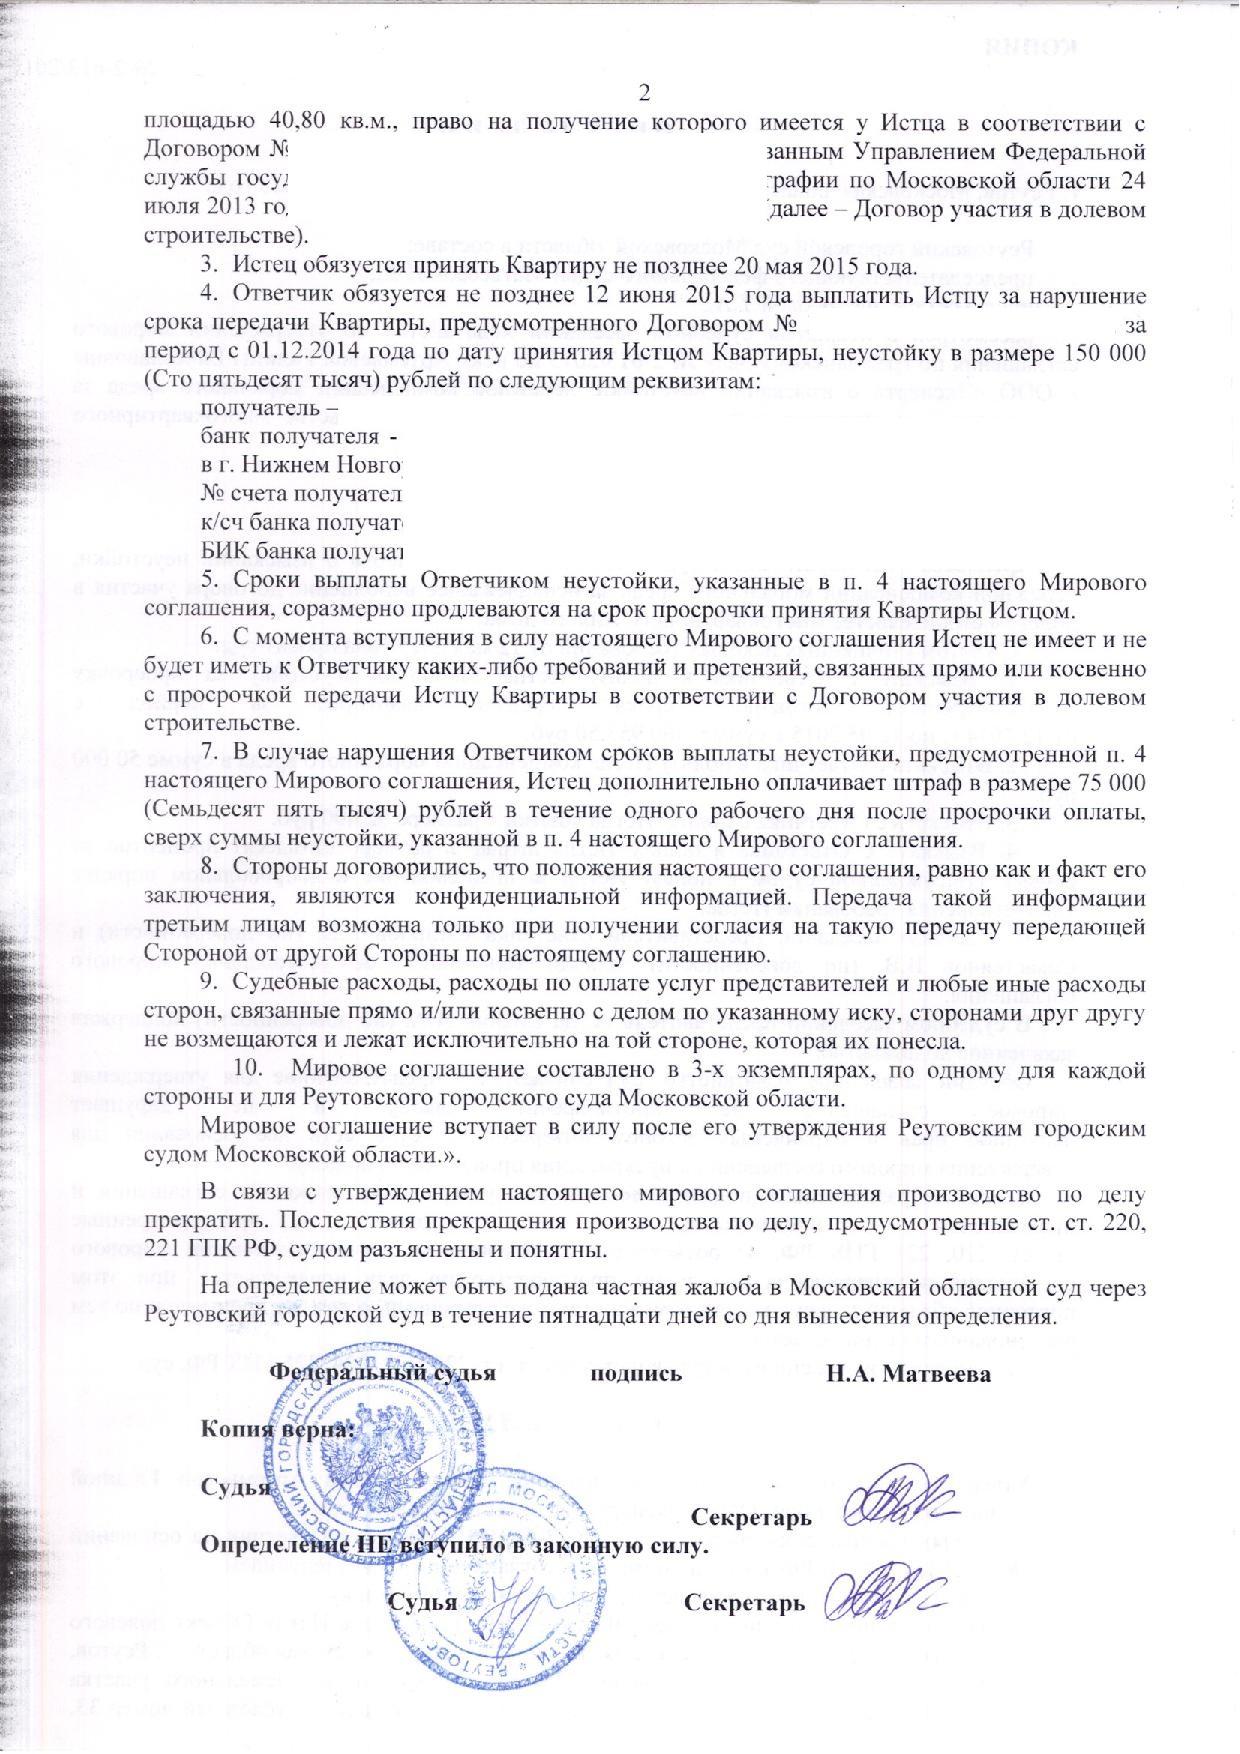 Заявление об утверждении мирового соглашения. образец